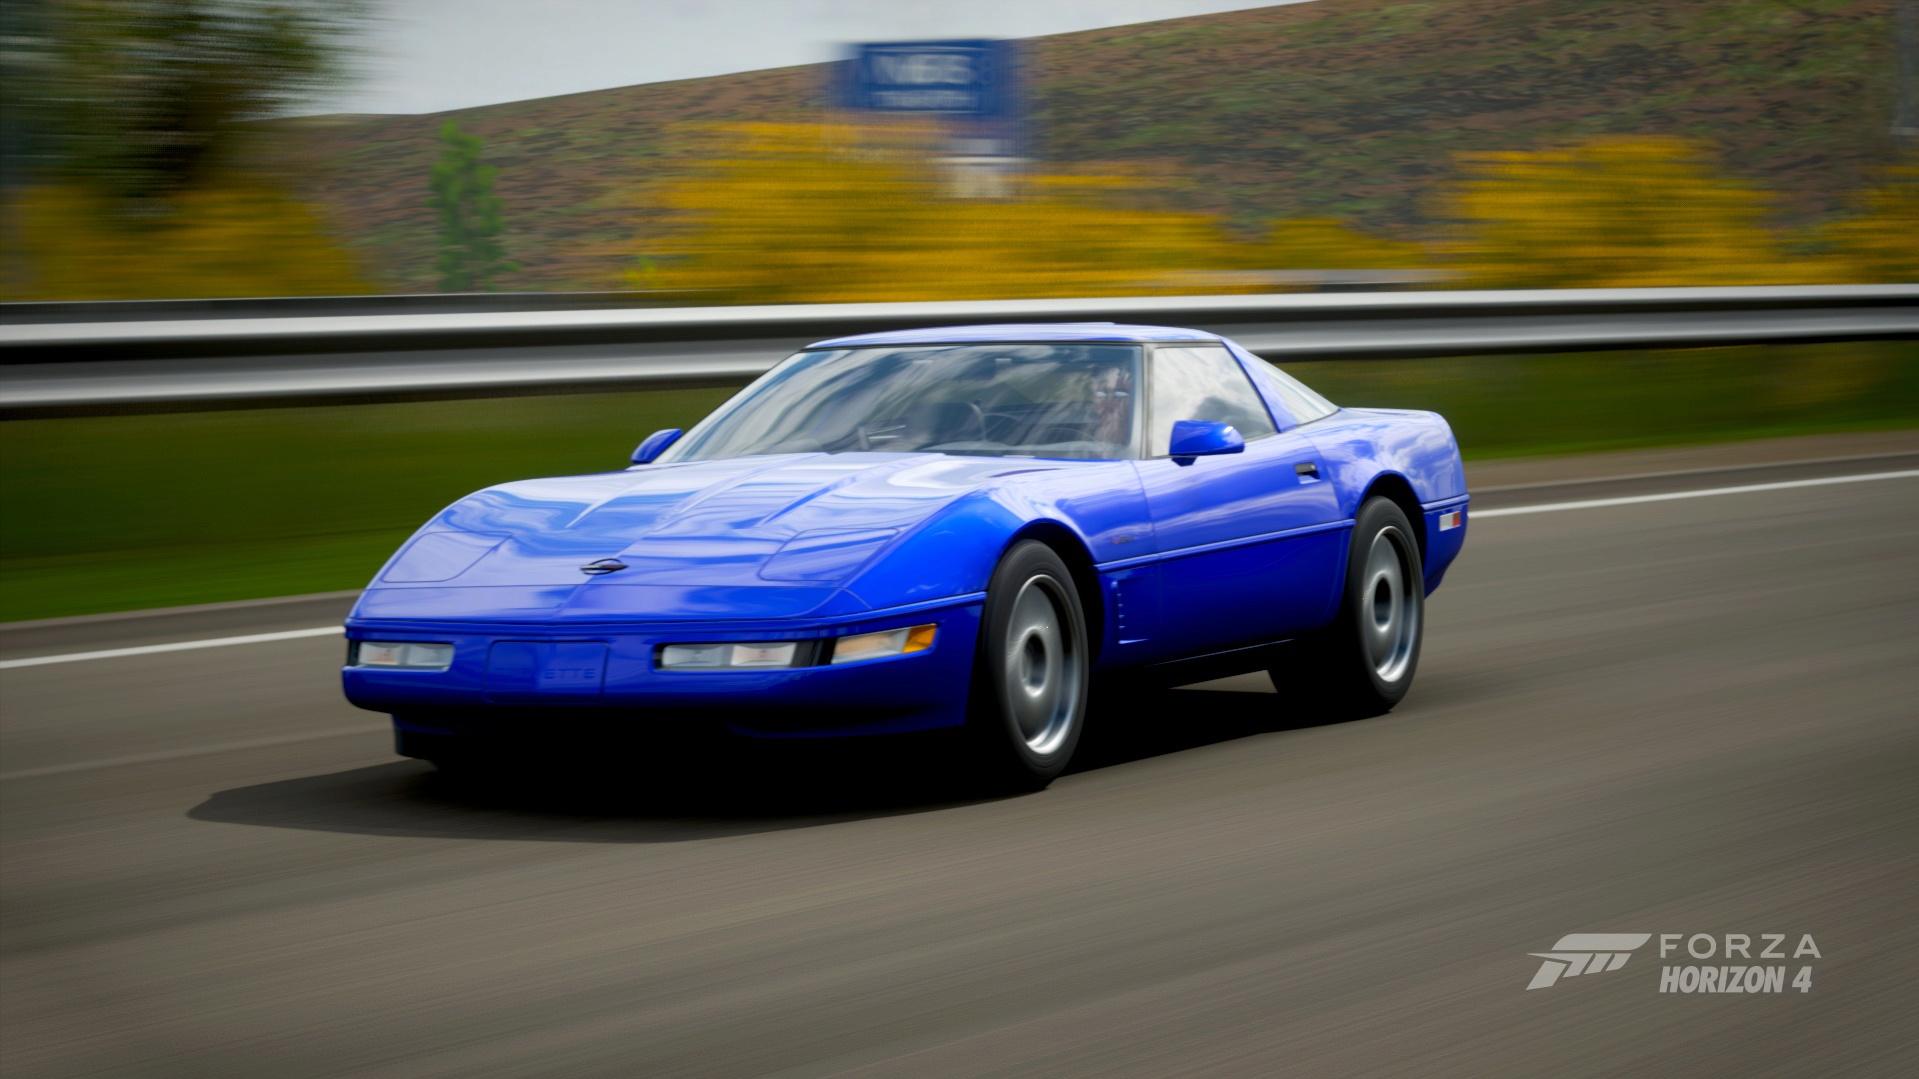 La trouvaille du jour : Corvette ZR-1 Challenge sur Nintendo NES - Page 2 Sans_t10